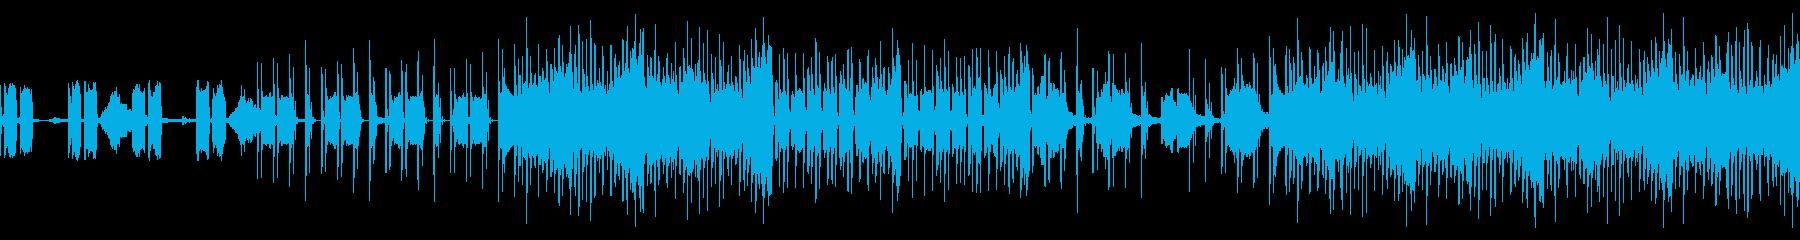 スリリングなテクノBGMの再生済みの波形